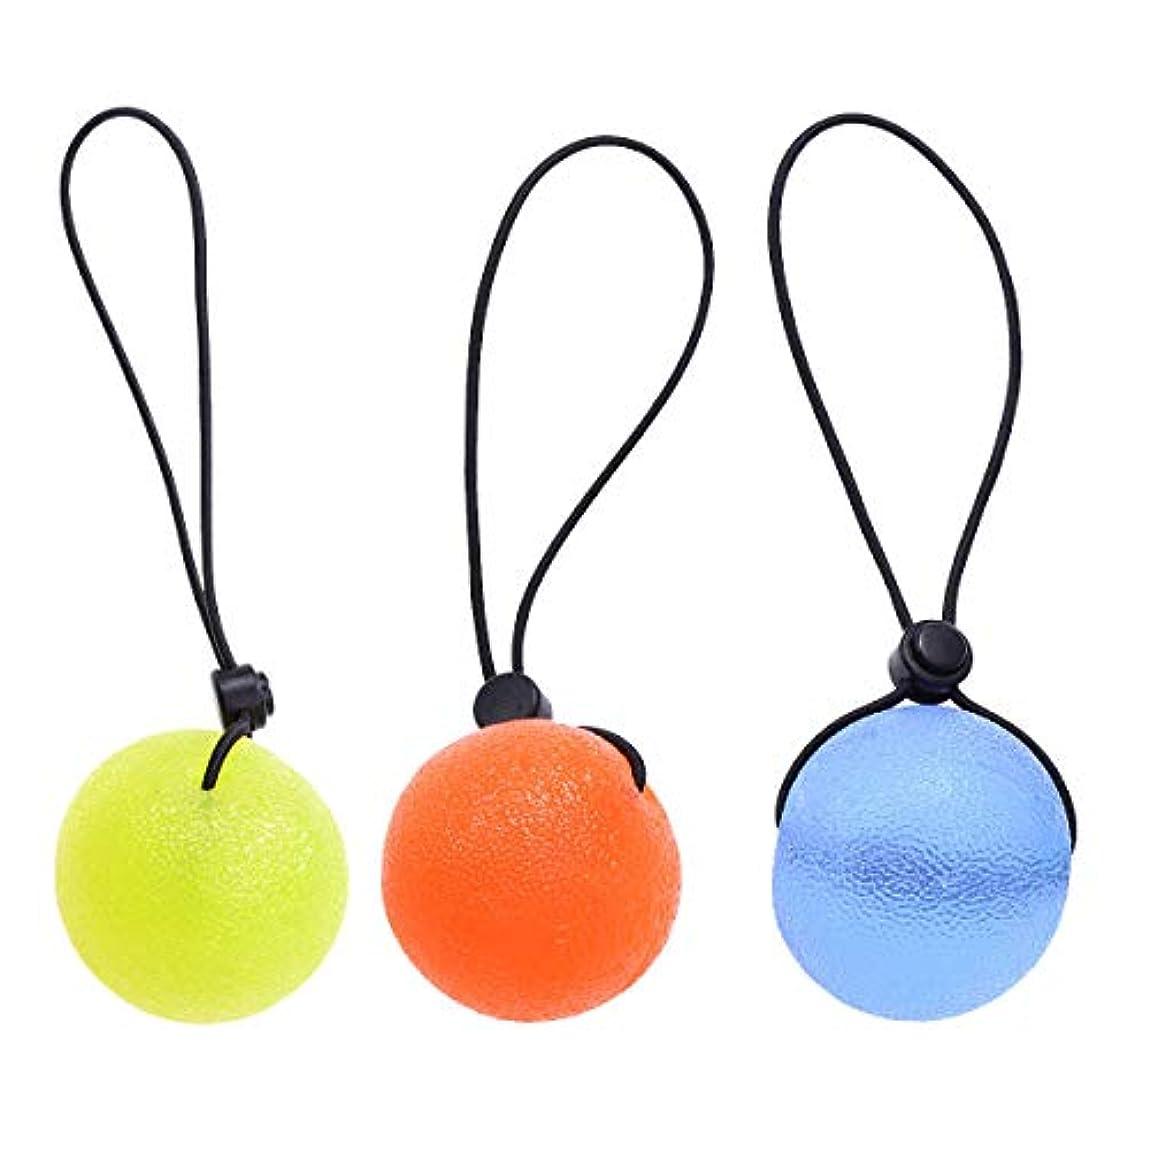 知人件名売上高SUPVOX 3個ハンドグリップ強化剤フィンガーグリップセラピーエクササイズスクイズストレスボール